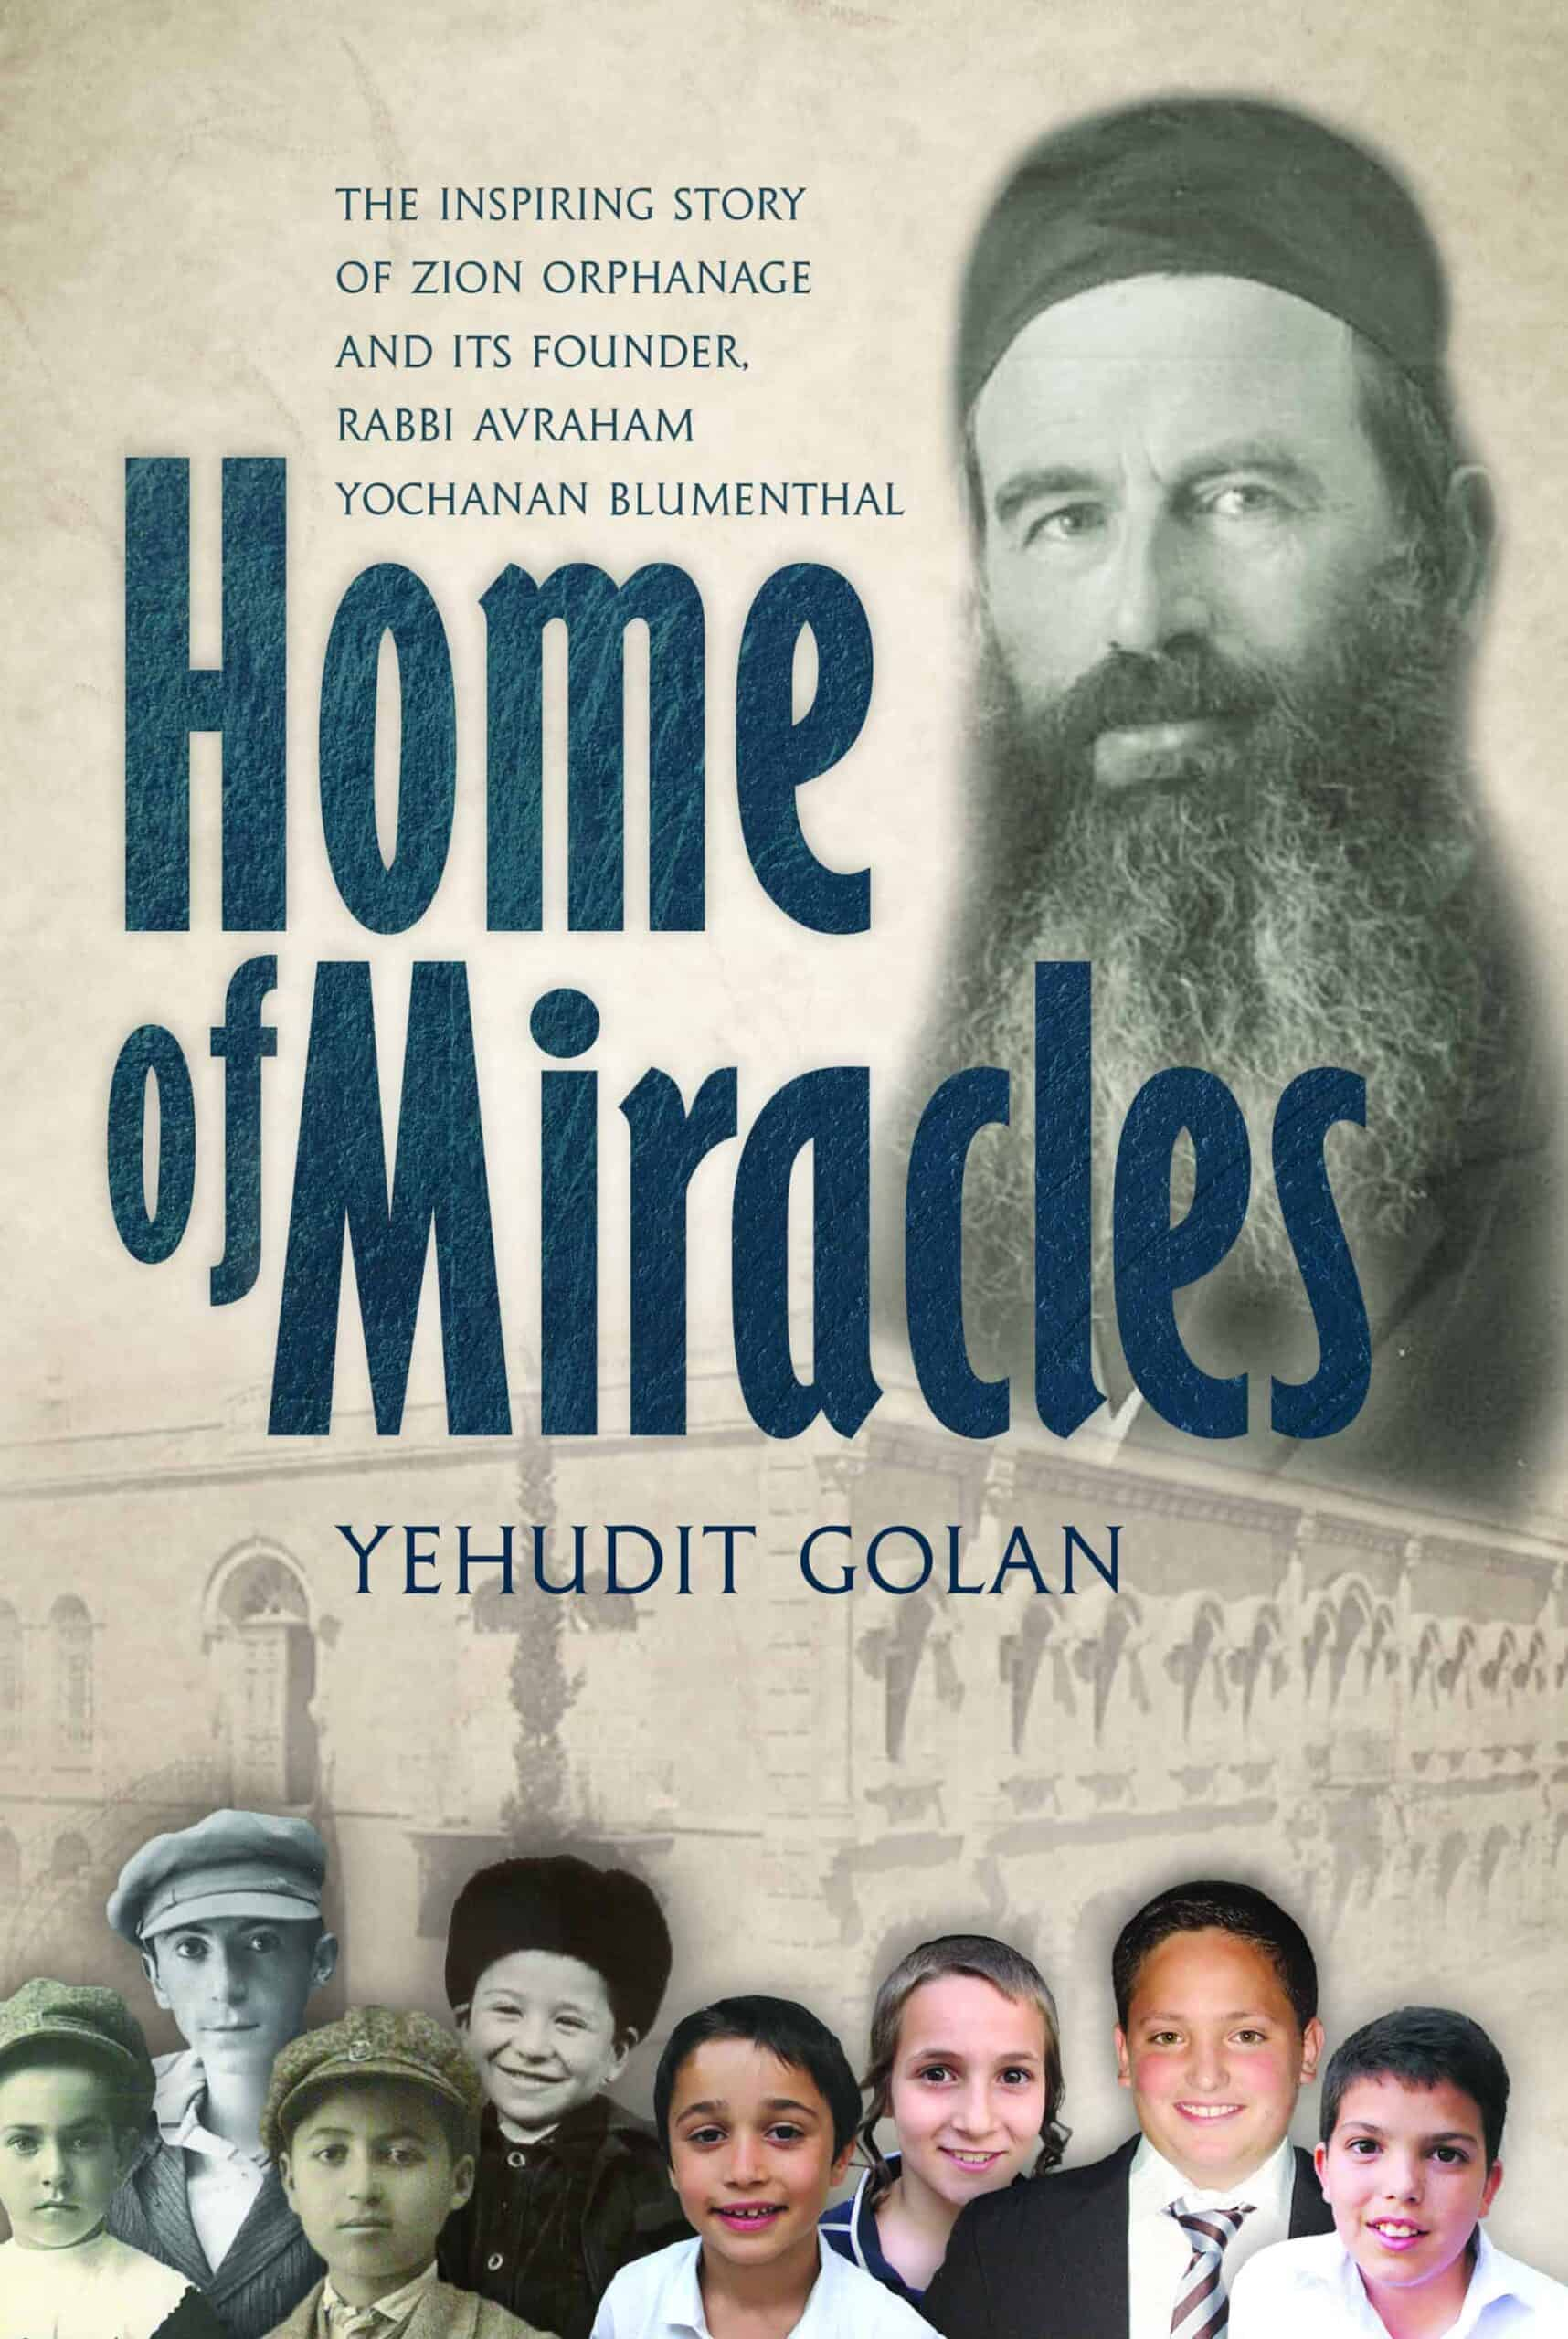 Yehudit Golan